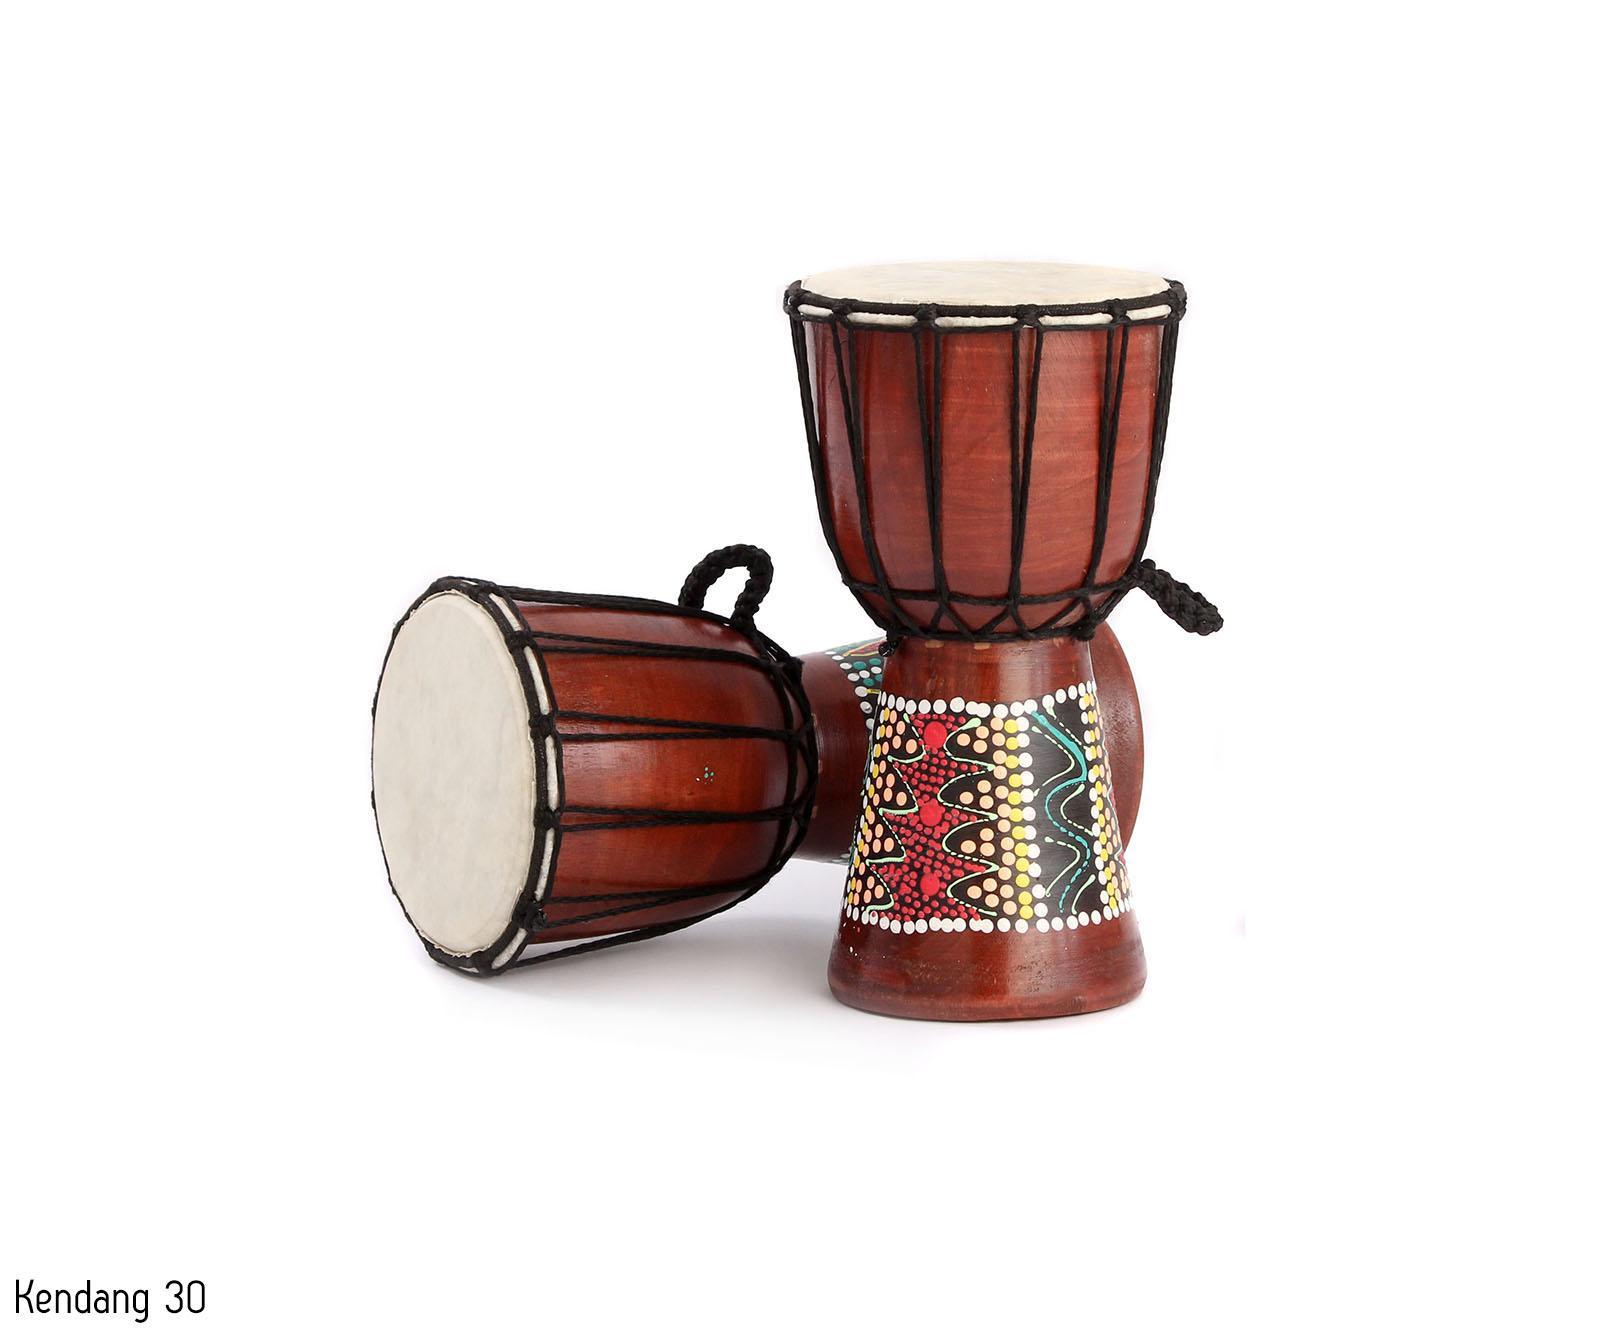 Mainan Anak Tradisional Alat Musik Kendang Jimbe Painting